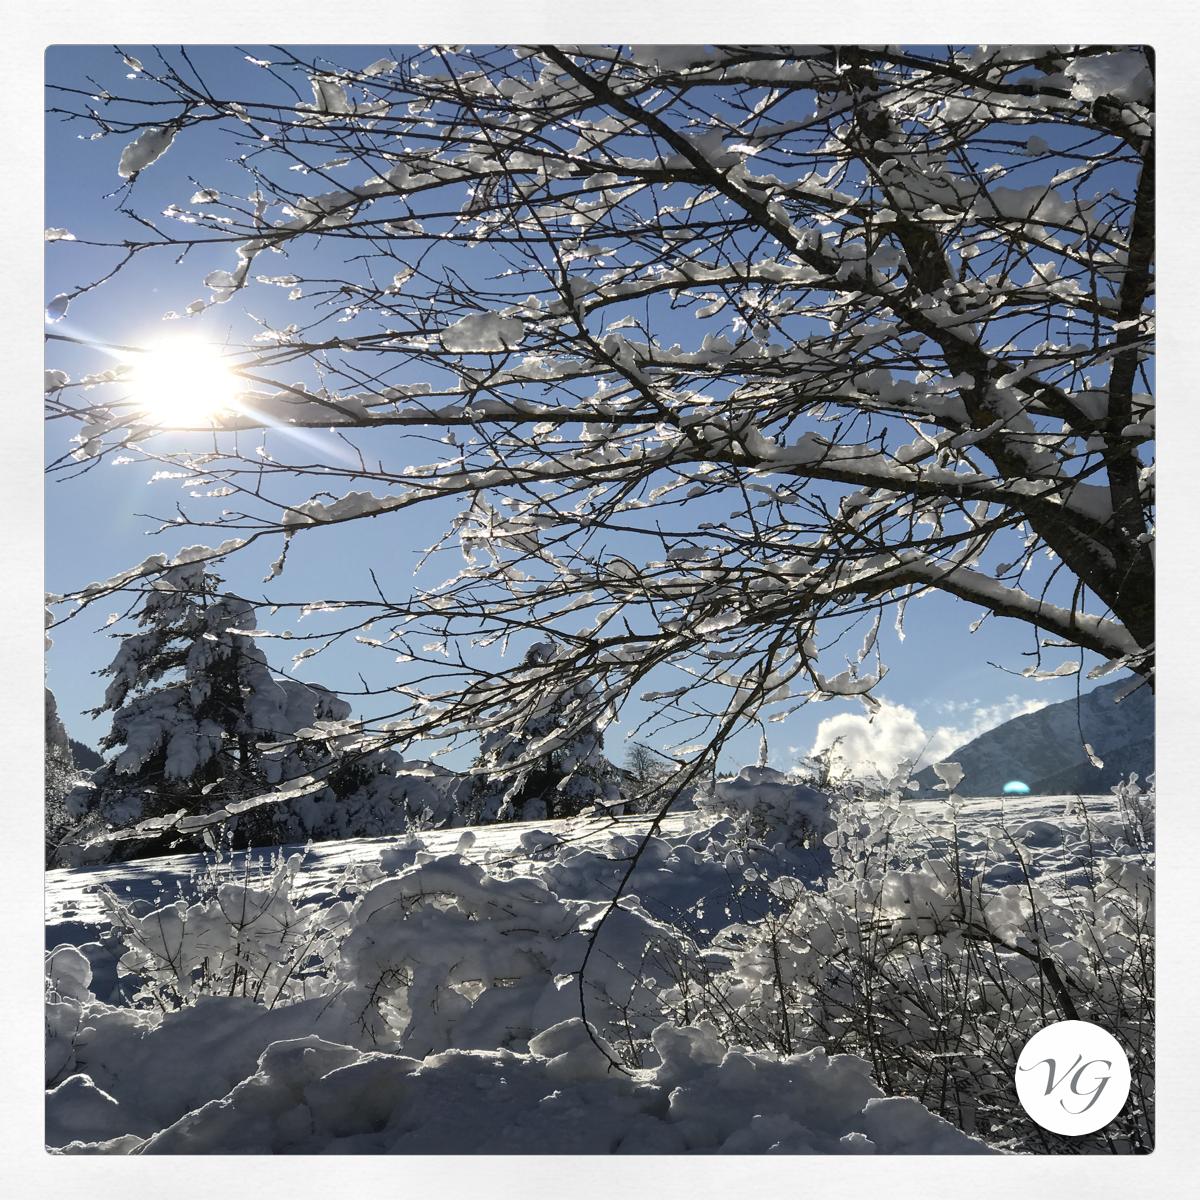 la neve del Trentino per Vacanze di Natale